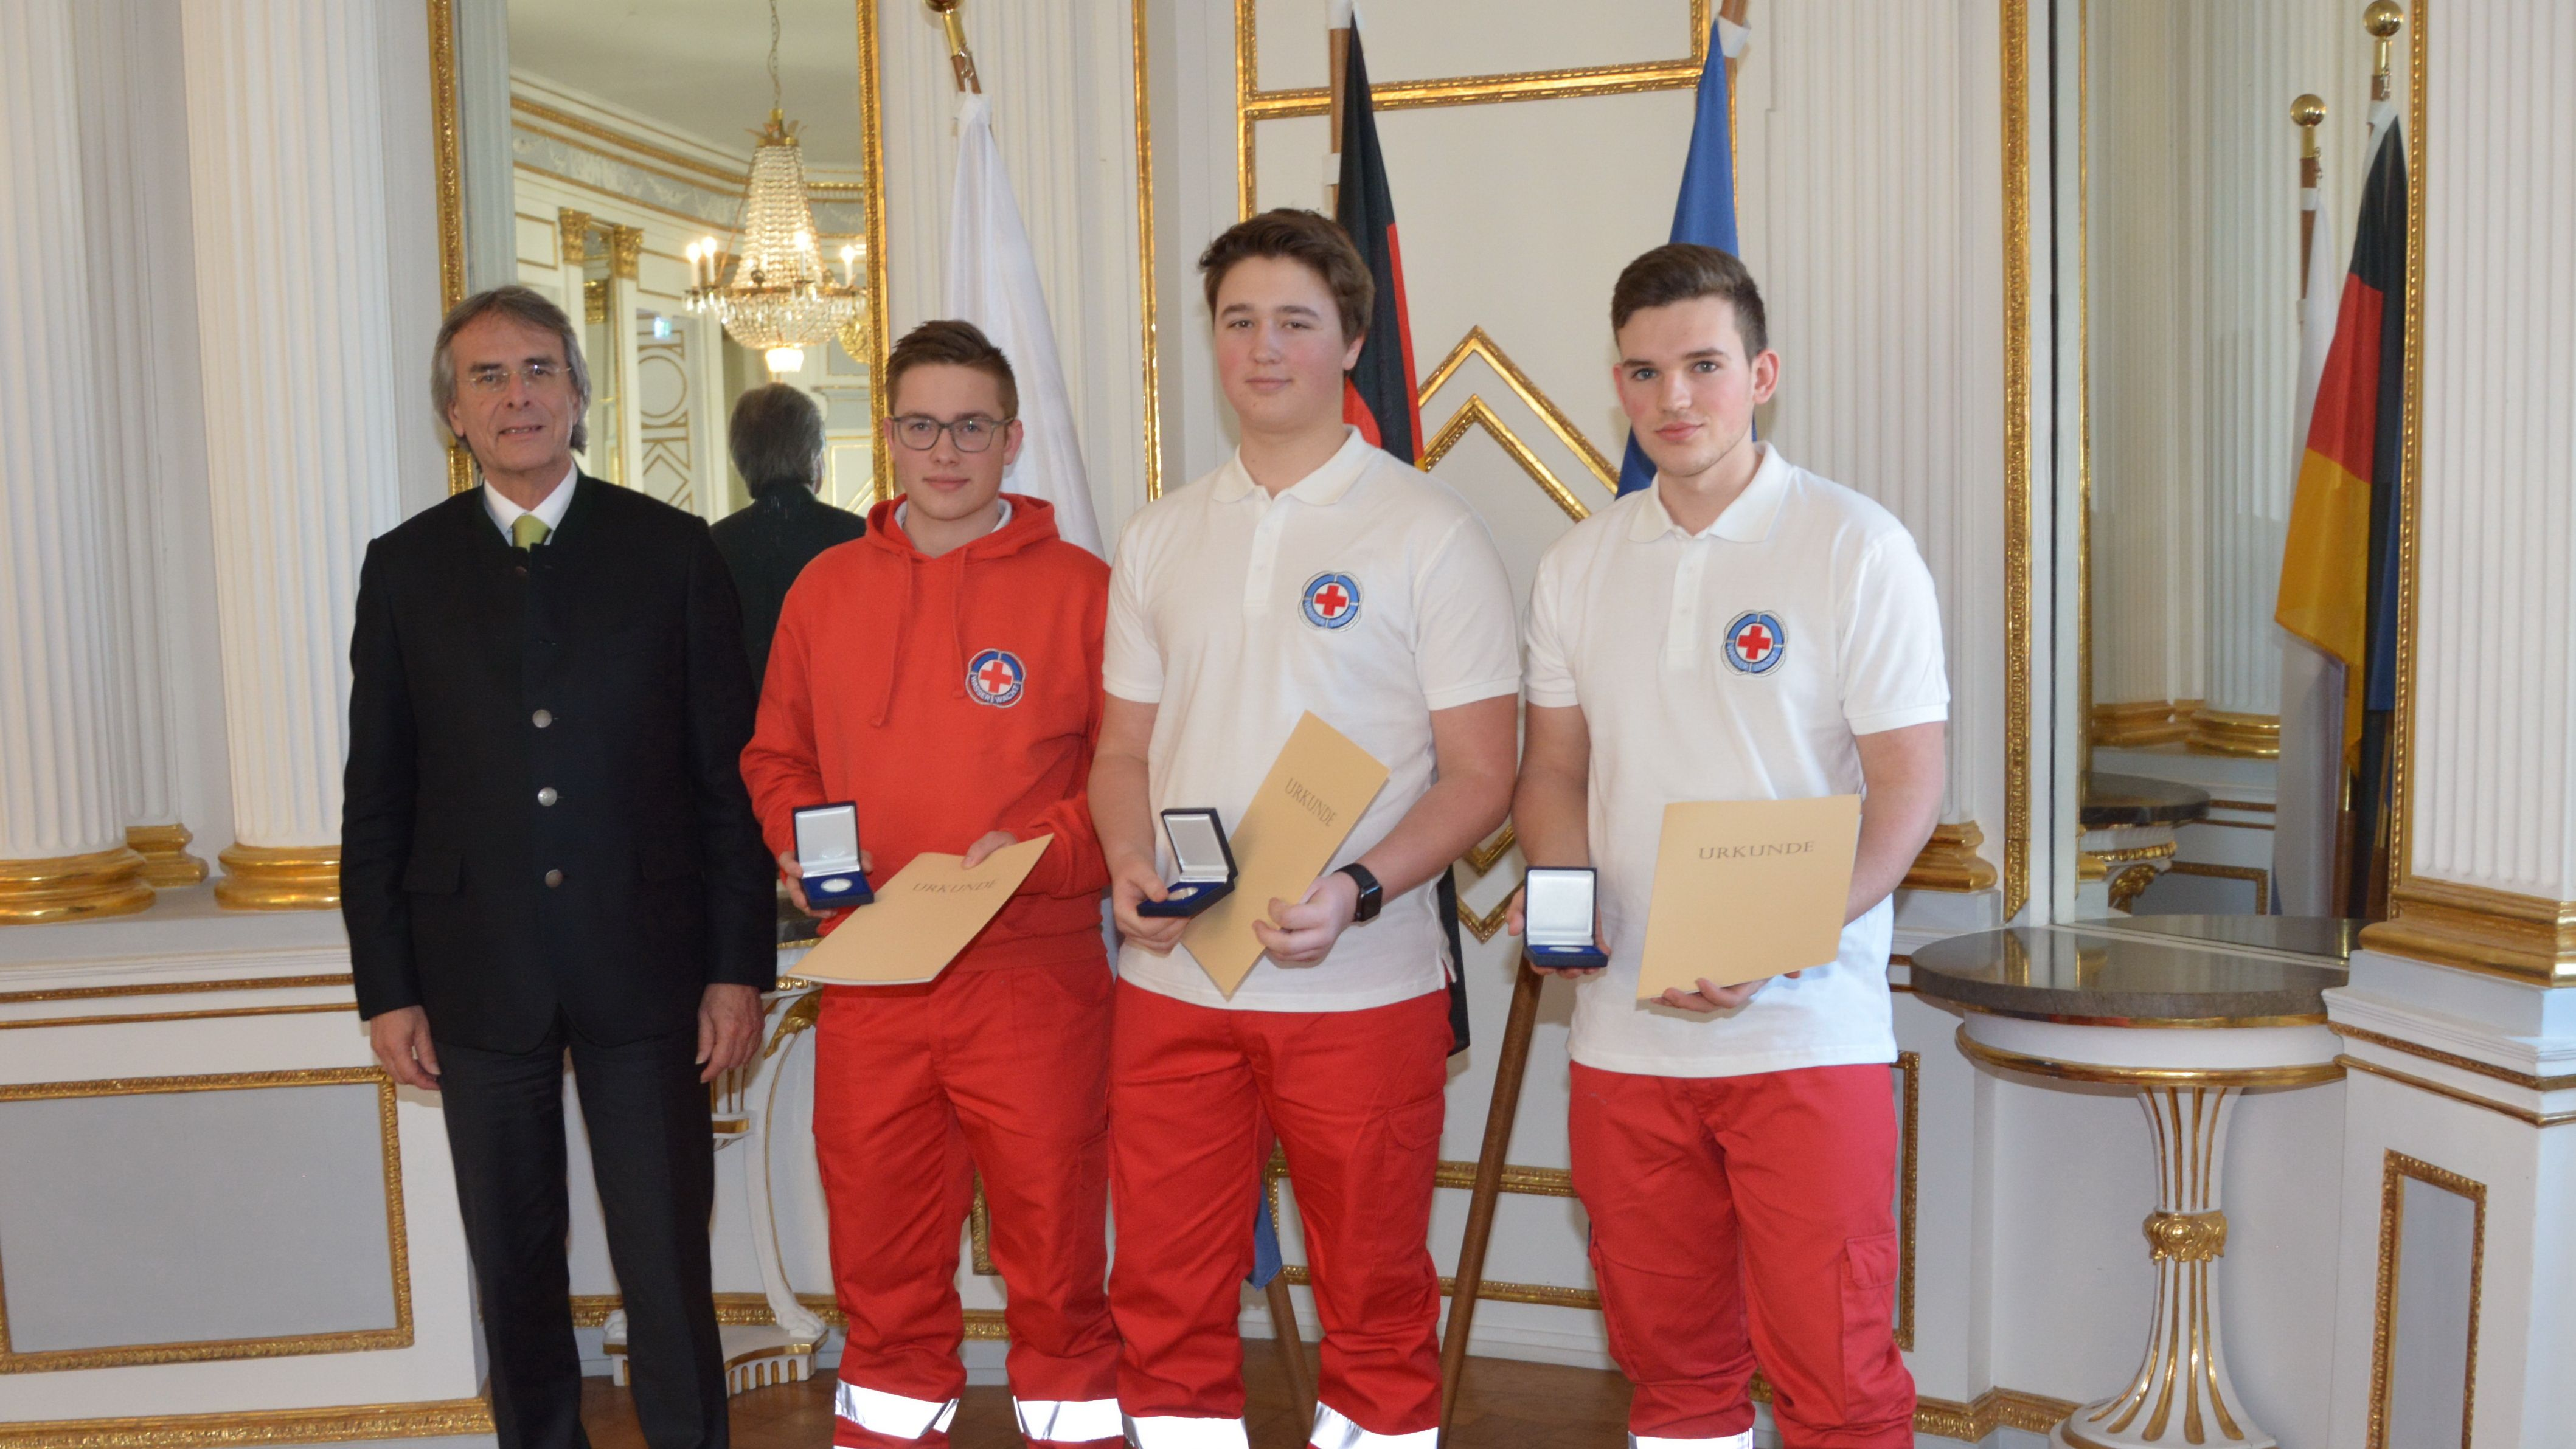 von links: Regierungspräsident Axel Bartelt, Simon Bauer, Philipp Köber und Florian Singer.